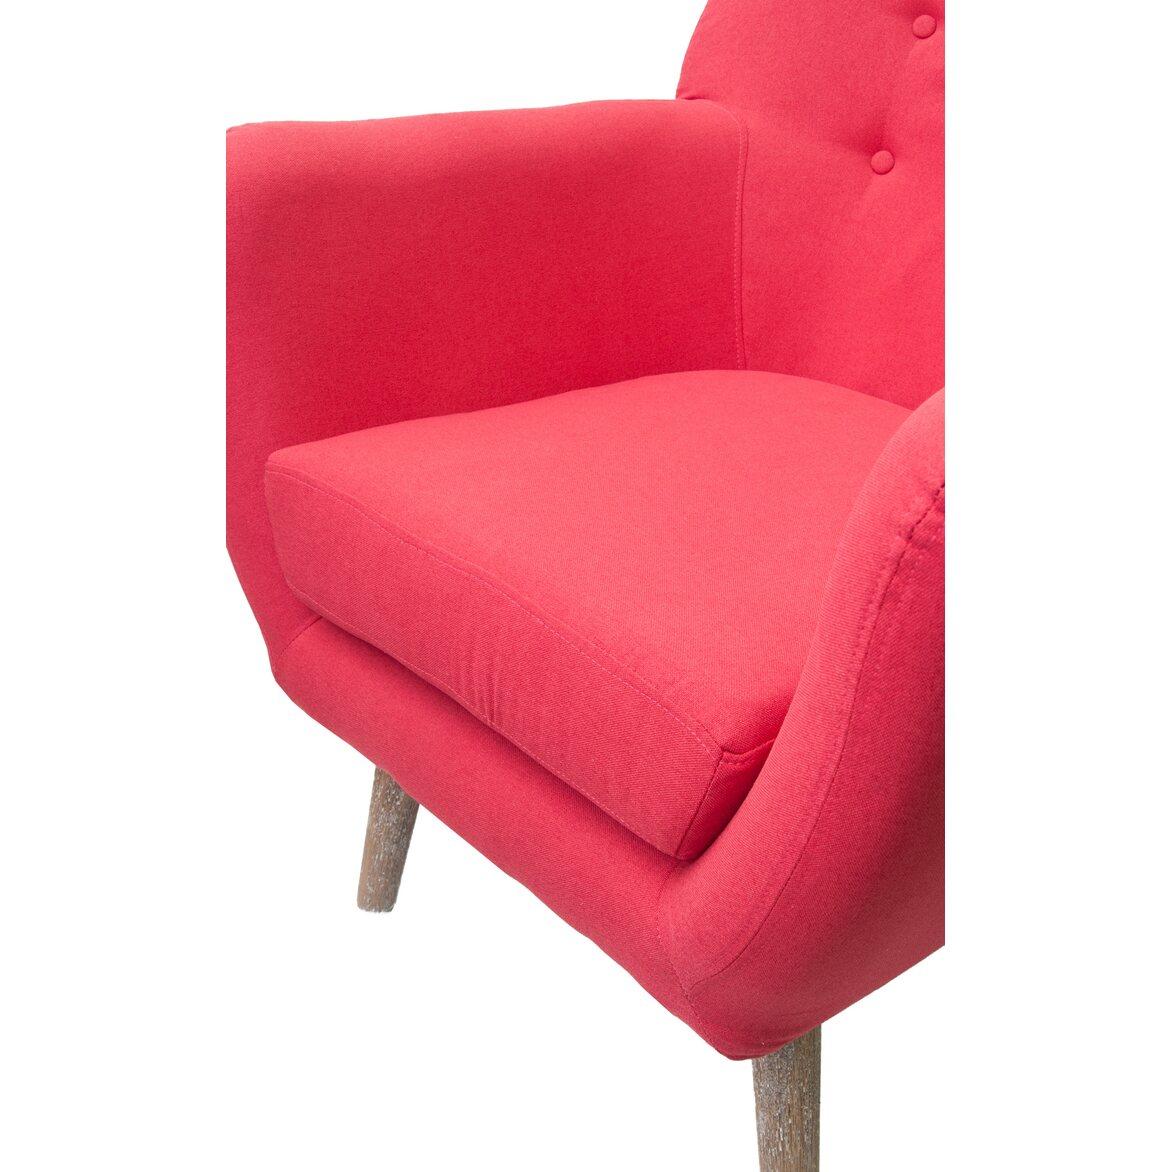 Низкое кресло Fuller red 5   Маленькие кресла Kingsby